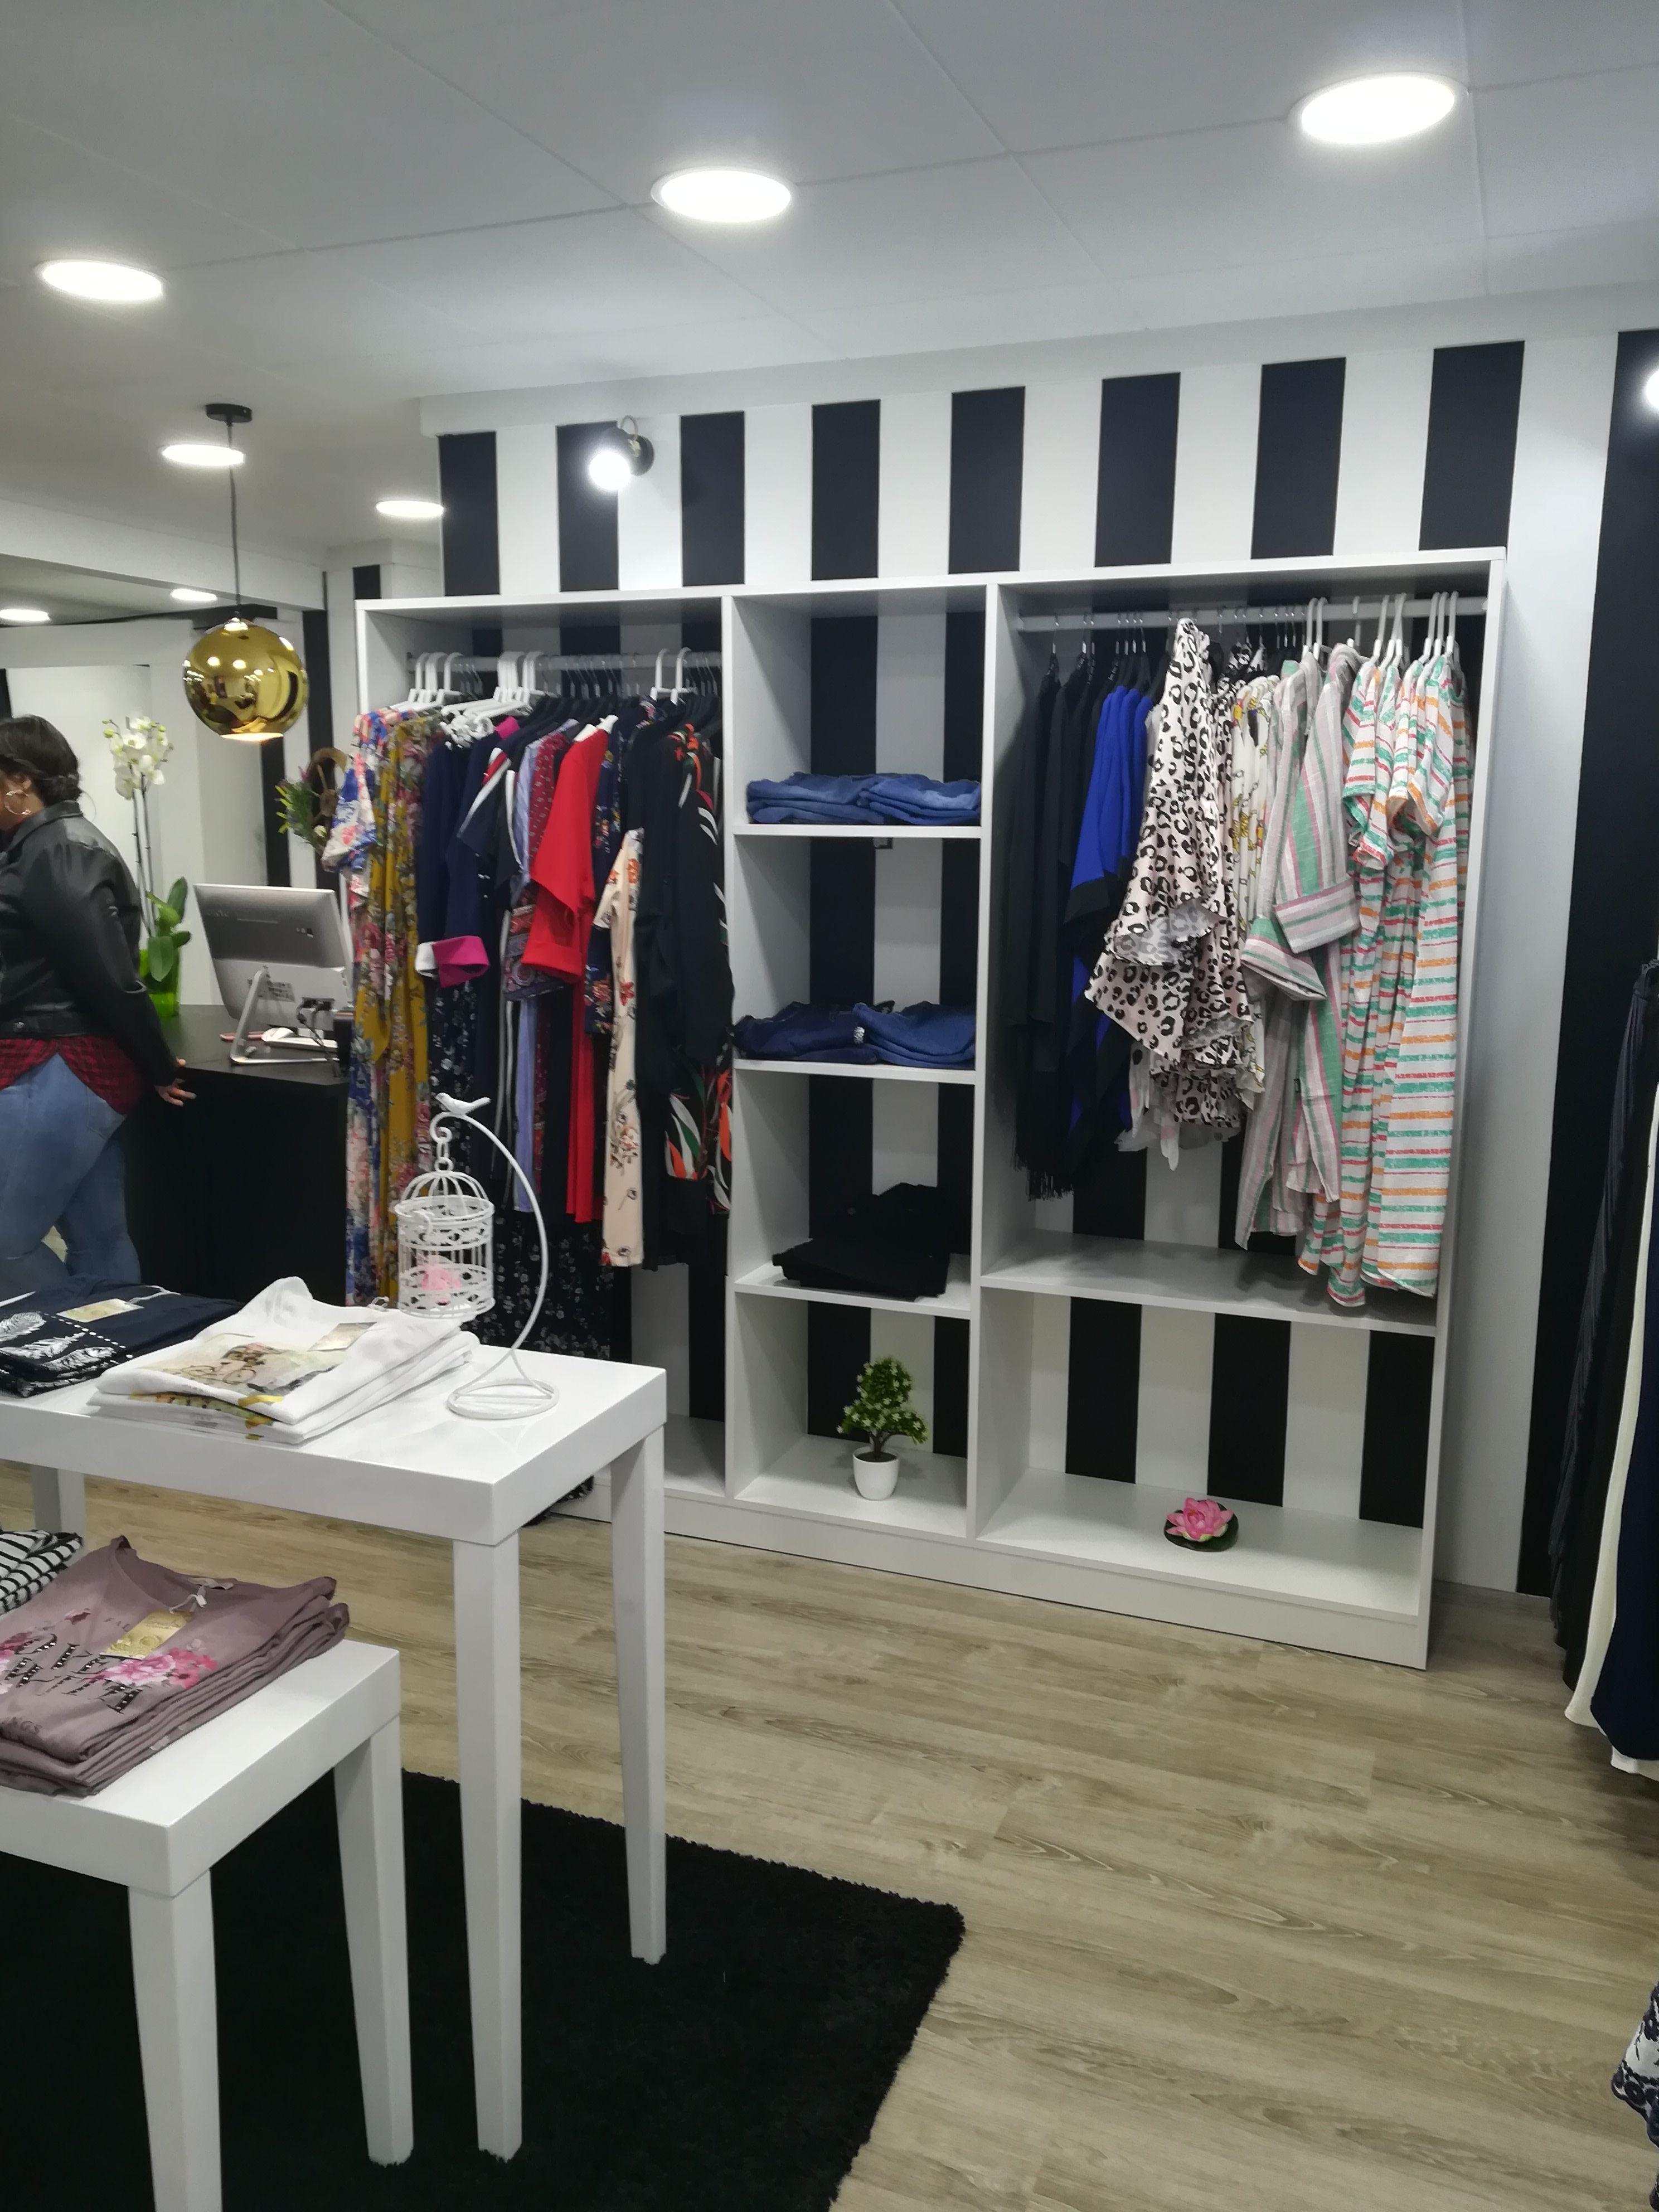 Detalle De Tienda Danna Tallas Grandes Proyecto Ecodecointeriores Murcia Espana Proyectos Murcia Tallas Grandes